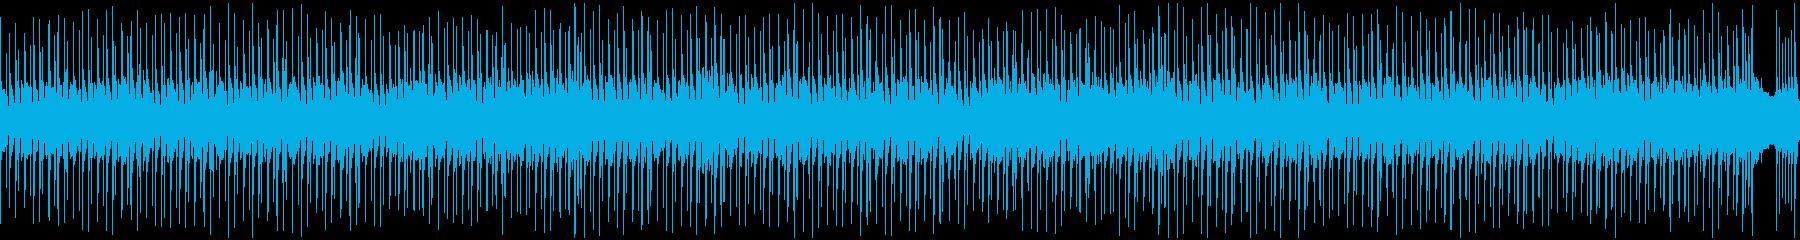 ピアノとバイオリンの日常系BGMの再生済みの波形